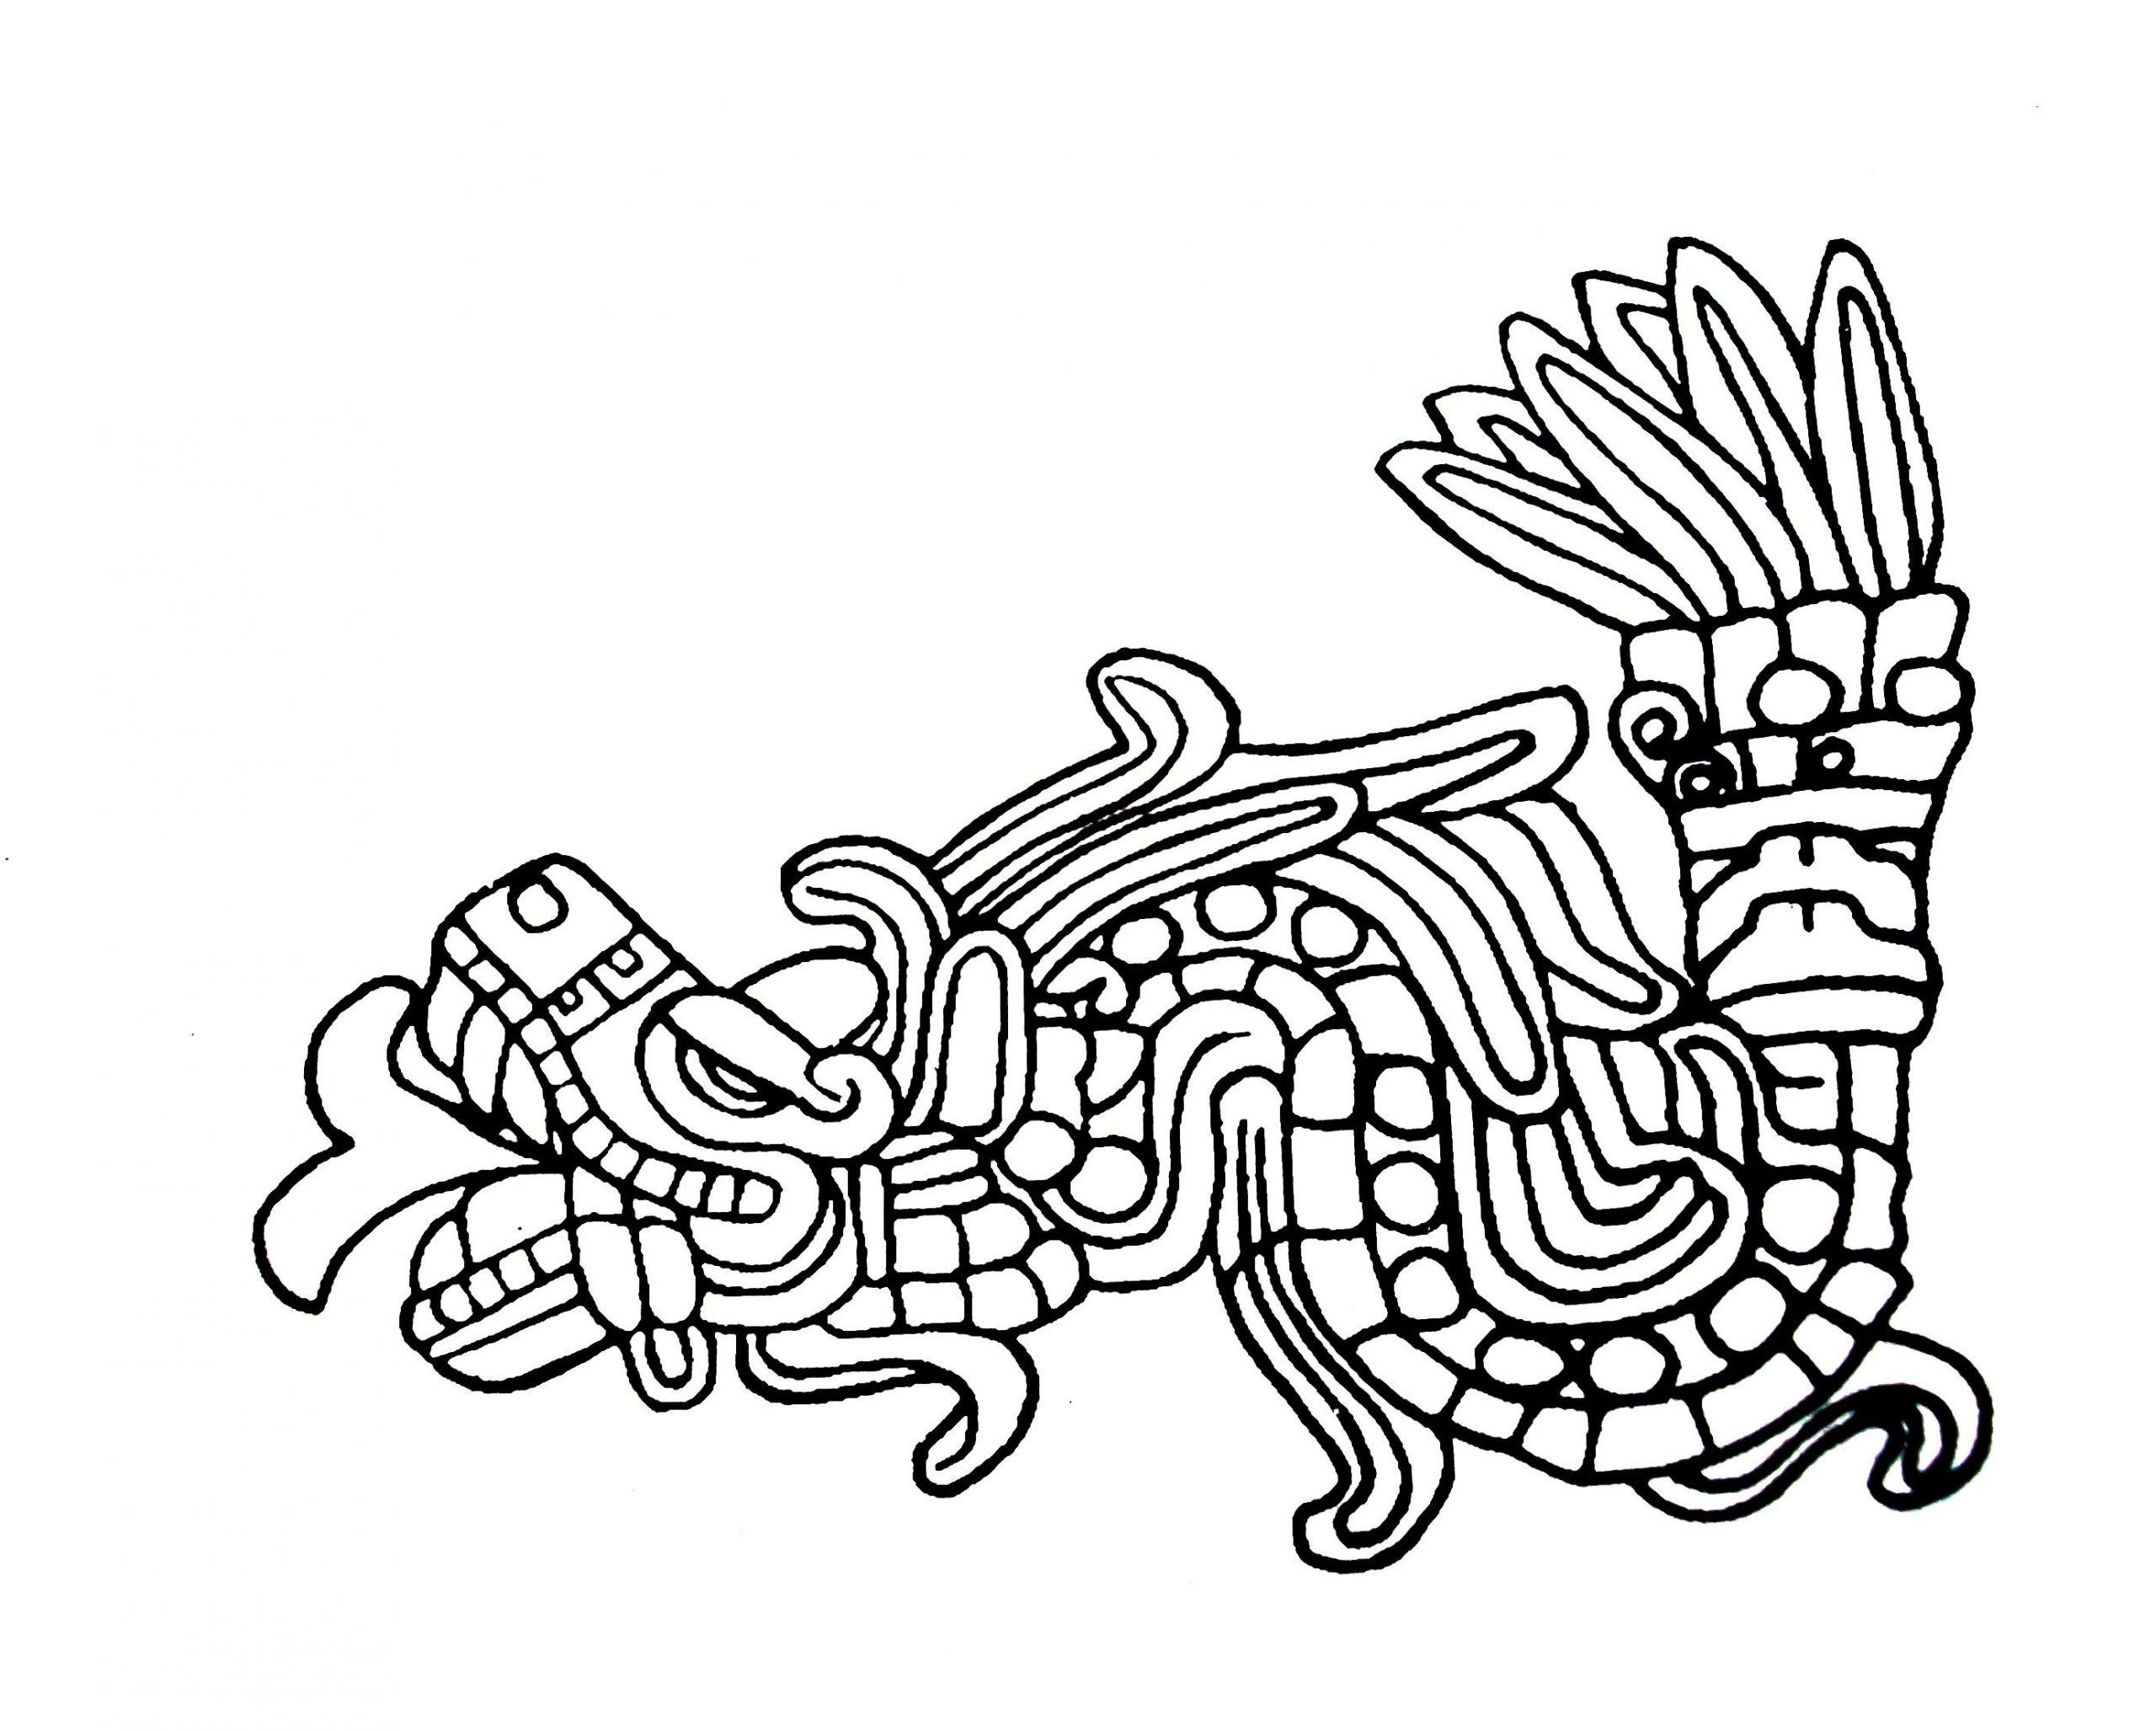 Los mejores Tatuajes de Quetzalcoatl (Serpiente emplumada) 33